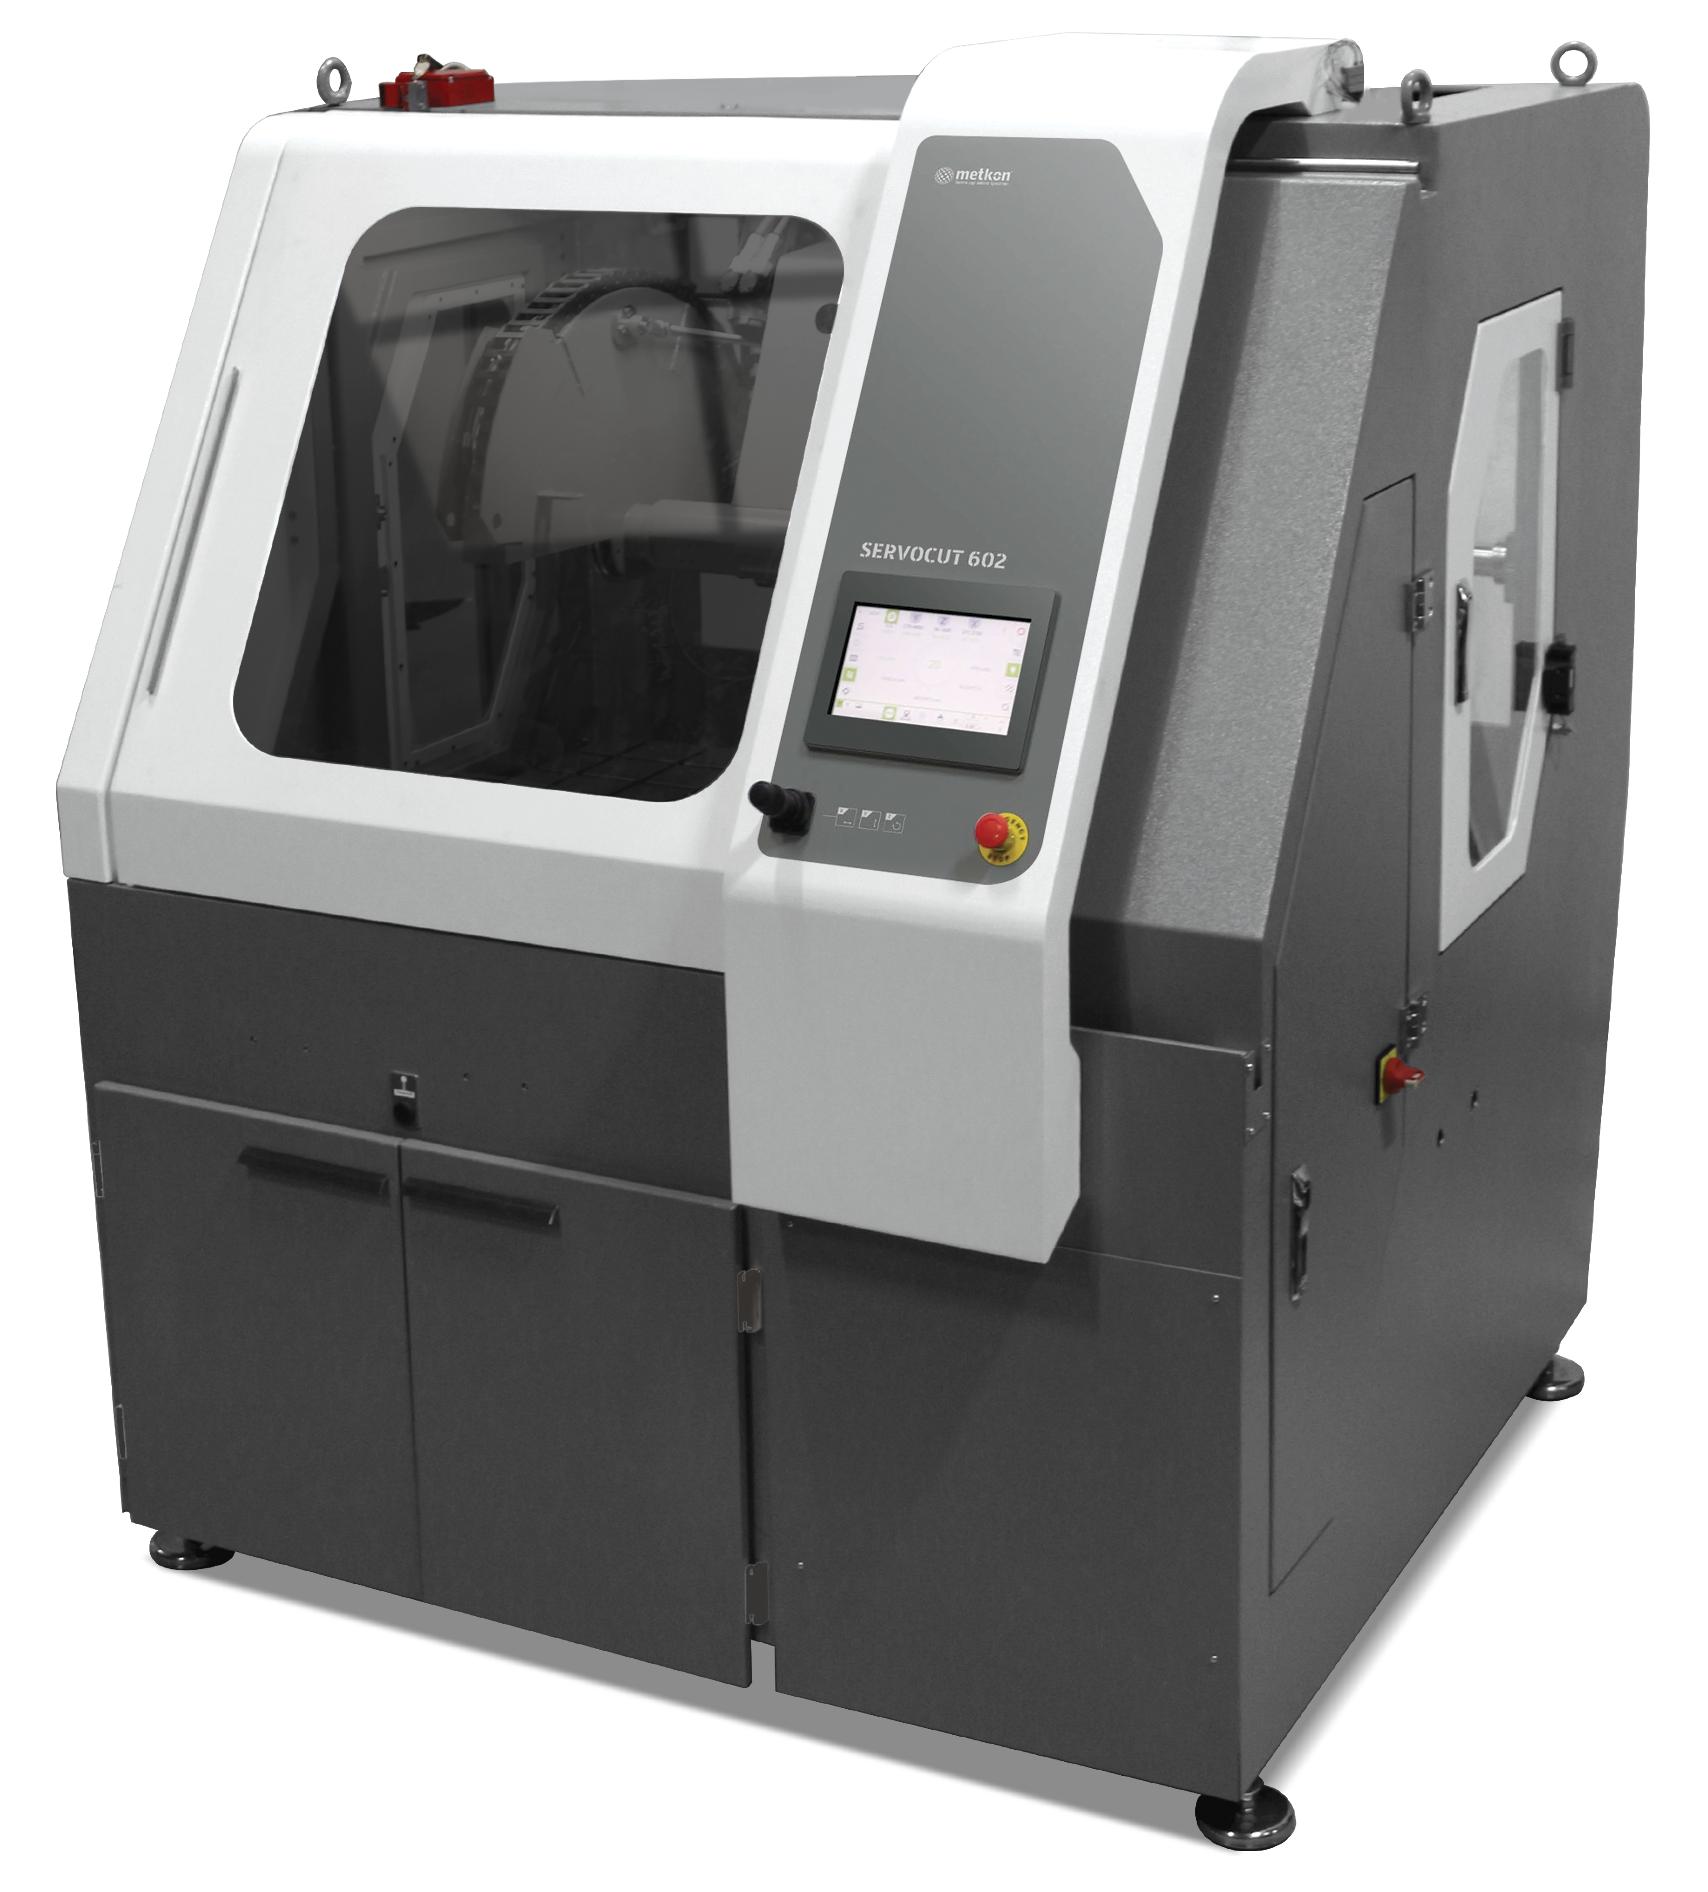 ServoCut 602 automata, abrazív vágógép rendkívül nagy mintákhoz